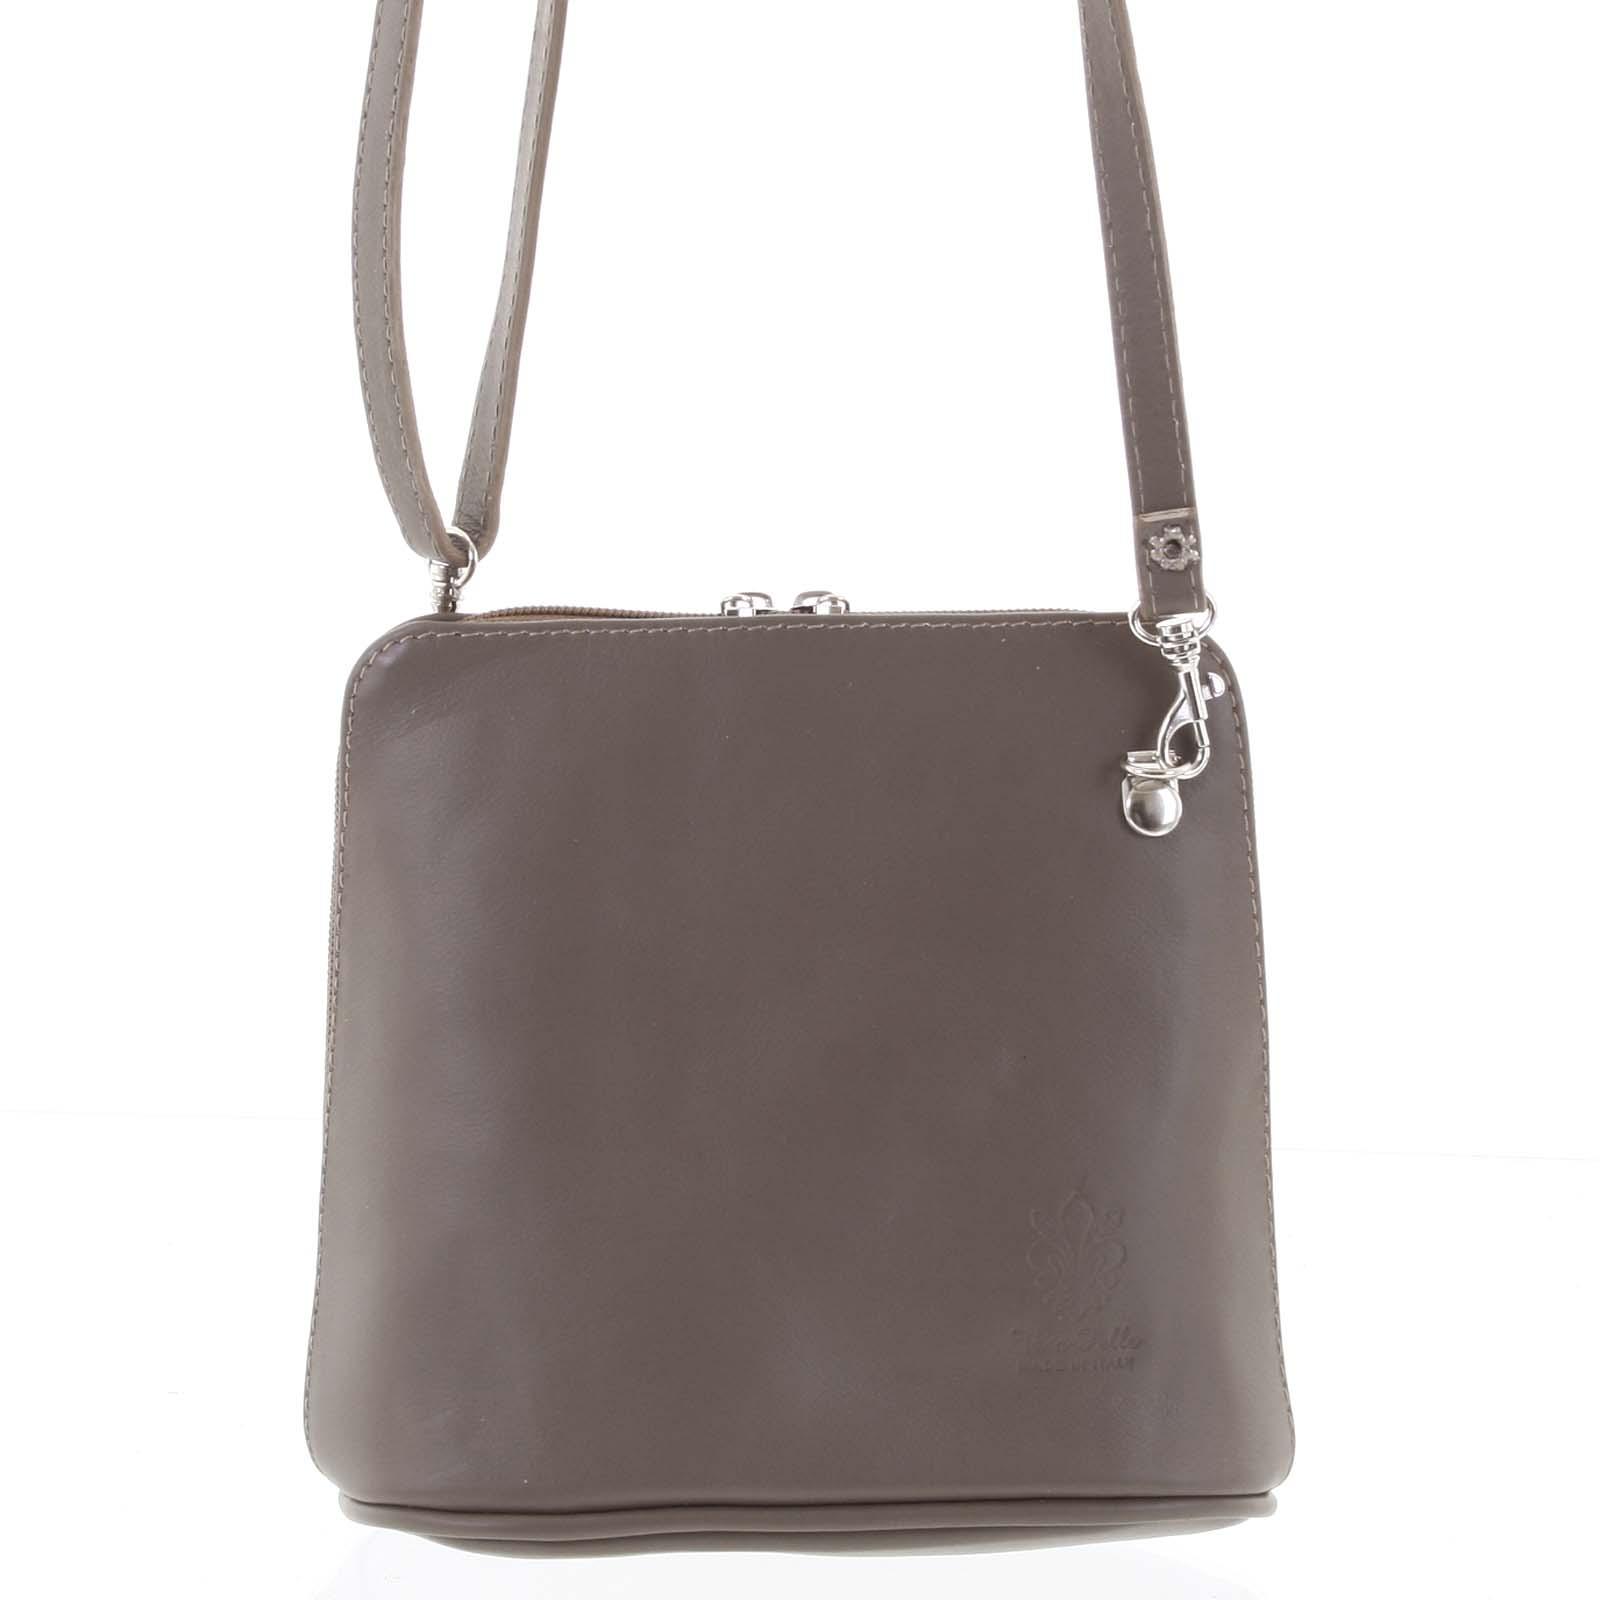 Dámska kožená crossbody kabelka sivo-hnedá - ItalY 10053